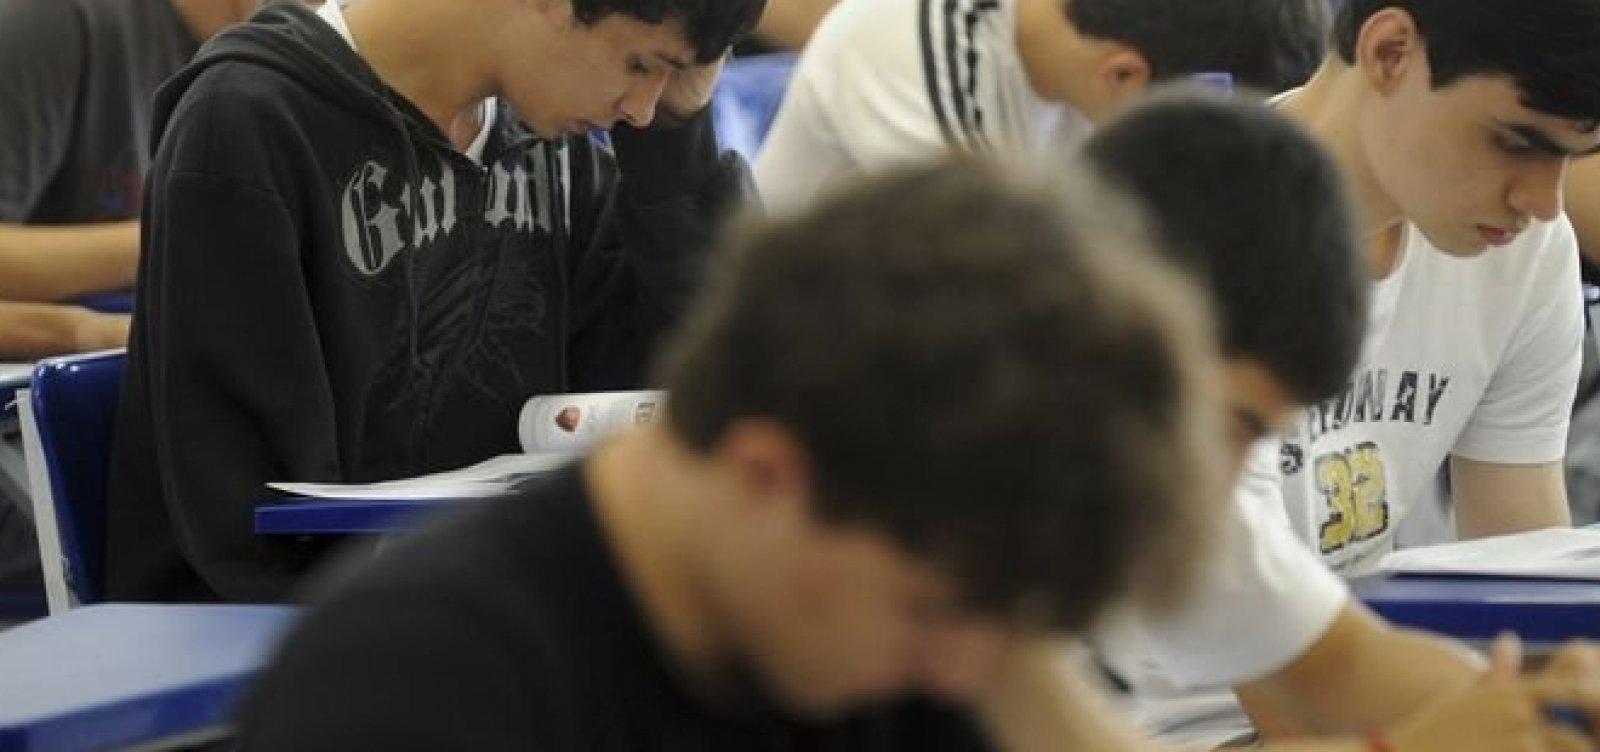 [Reajuste de matrícula das escolas particulares baianas pode chegar até 6,25%]